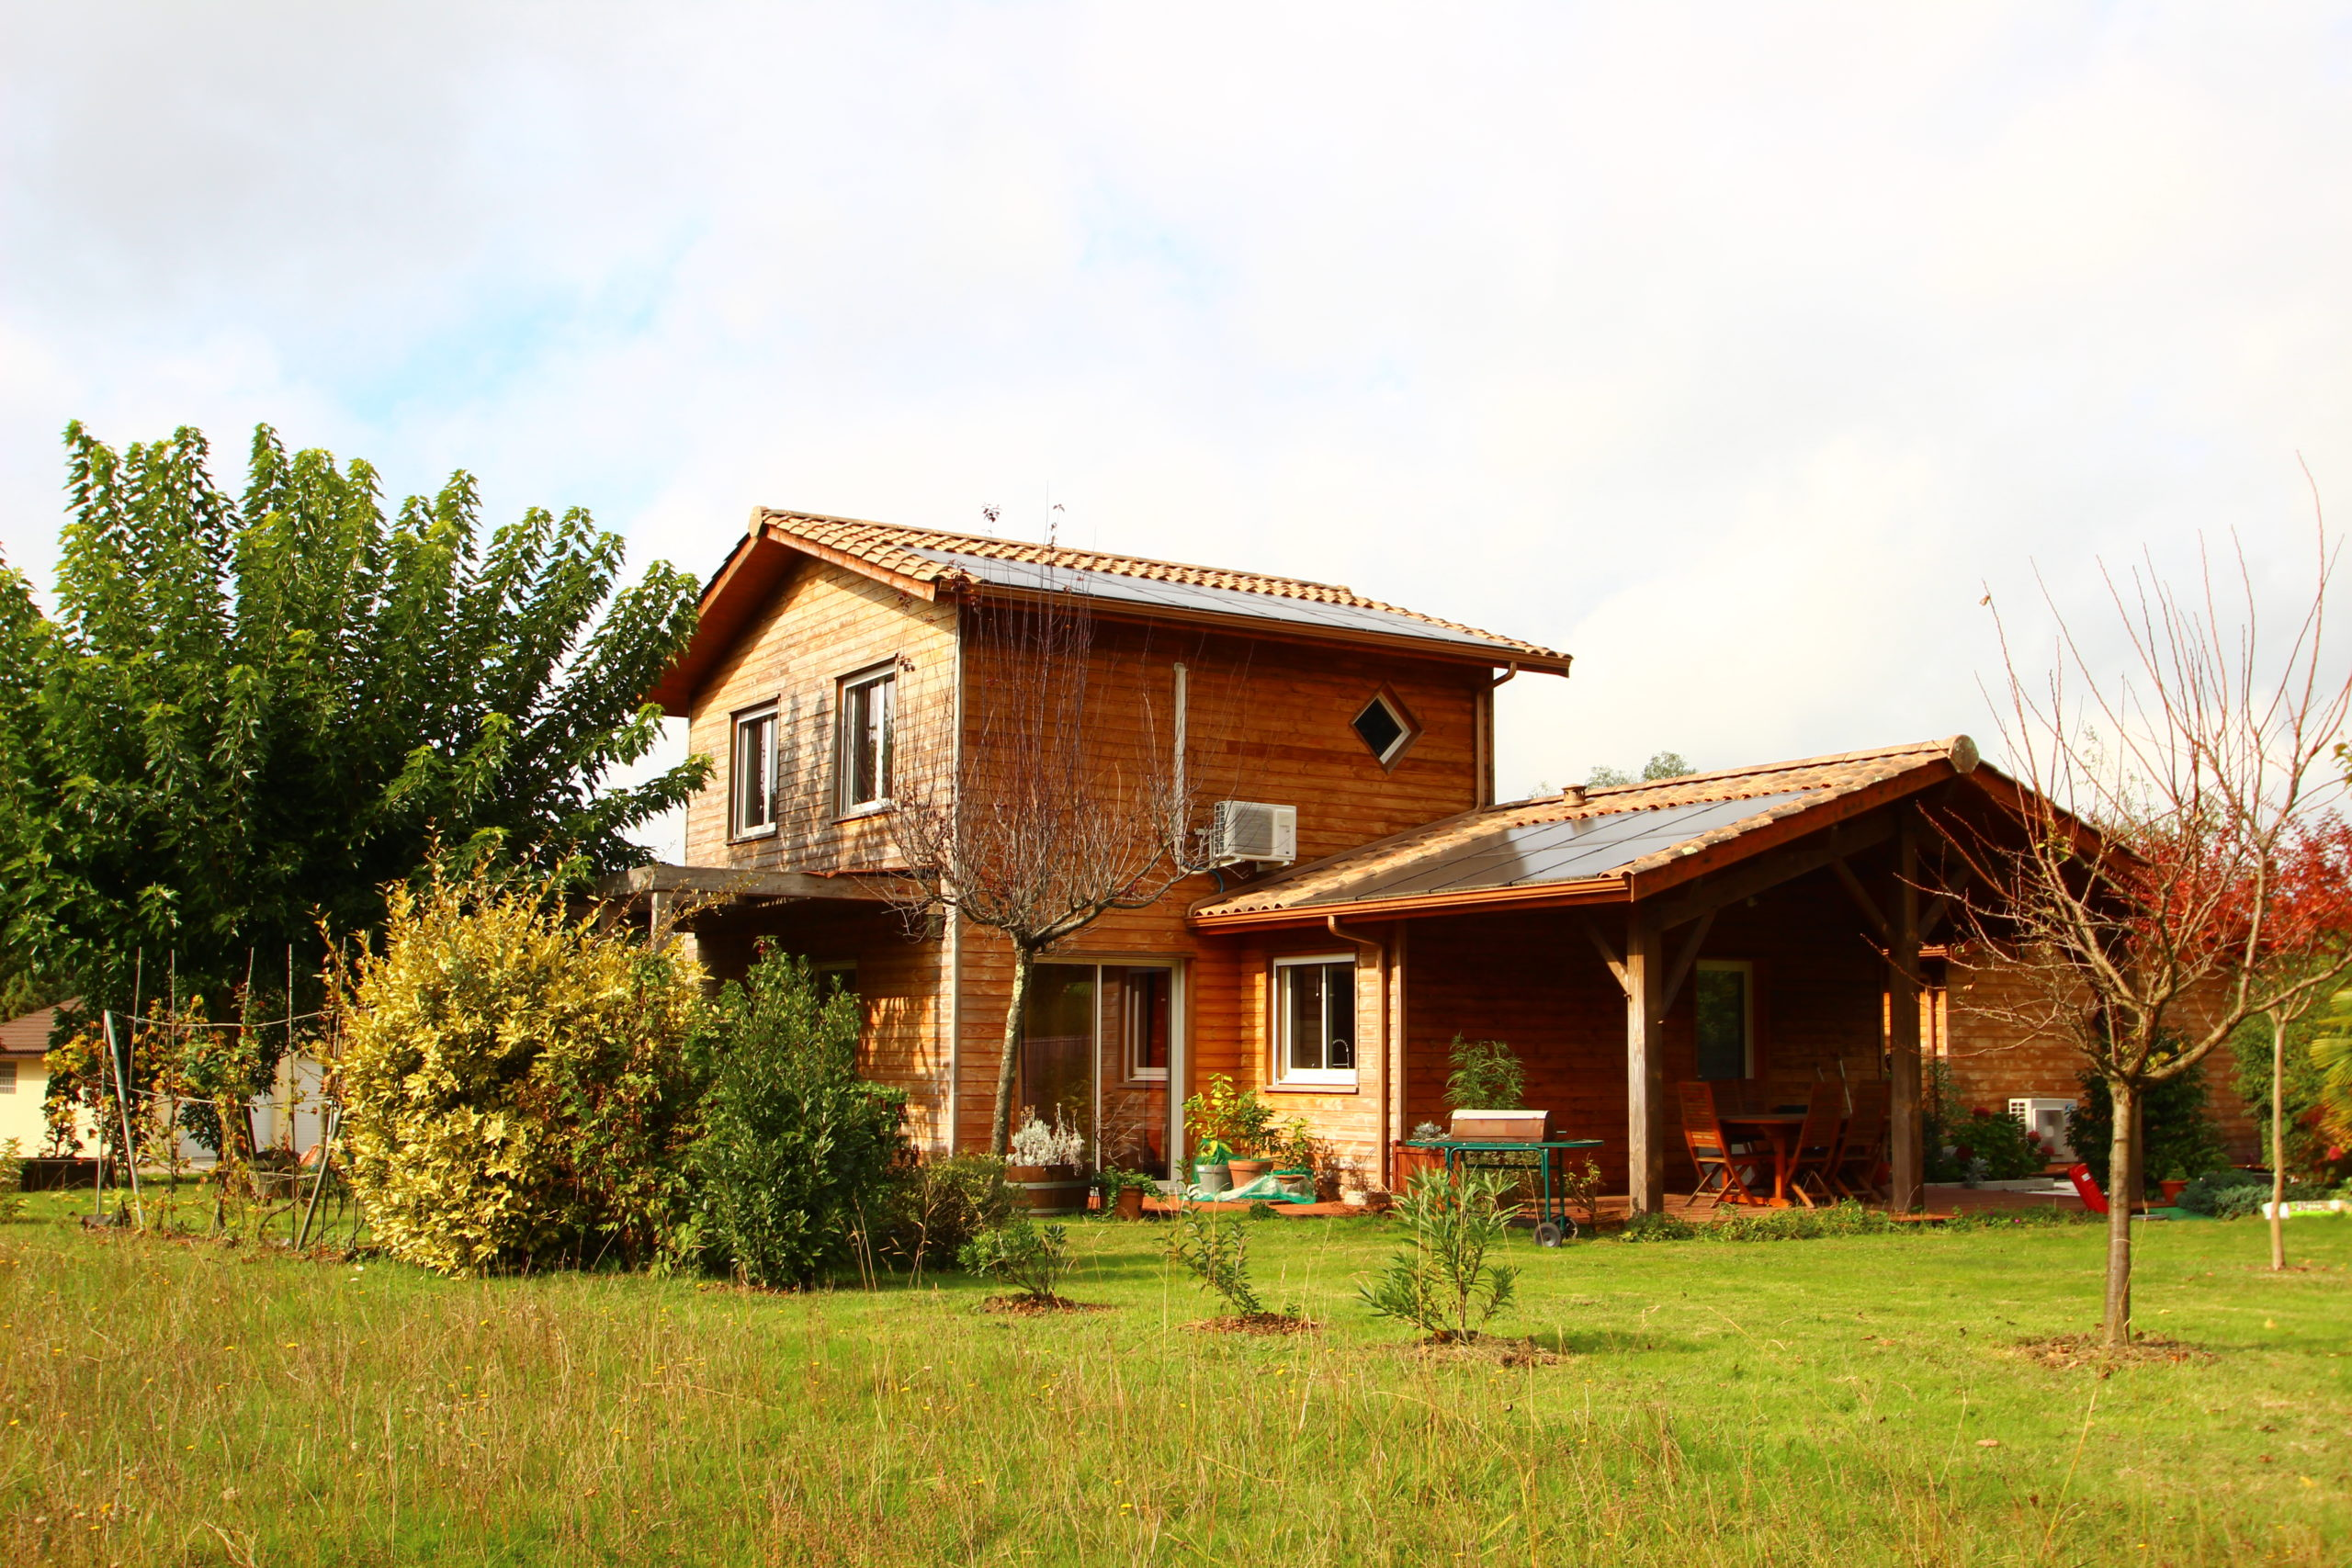 Maison Bois & Bio Climatique – Tresses